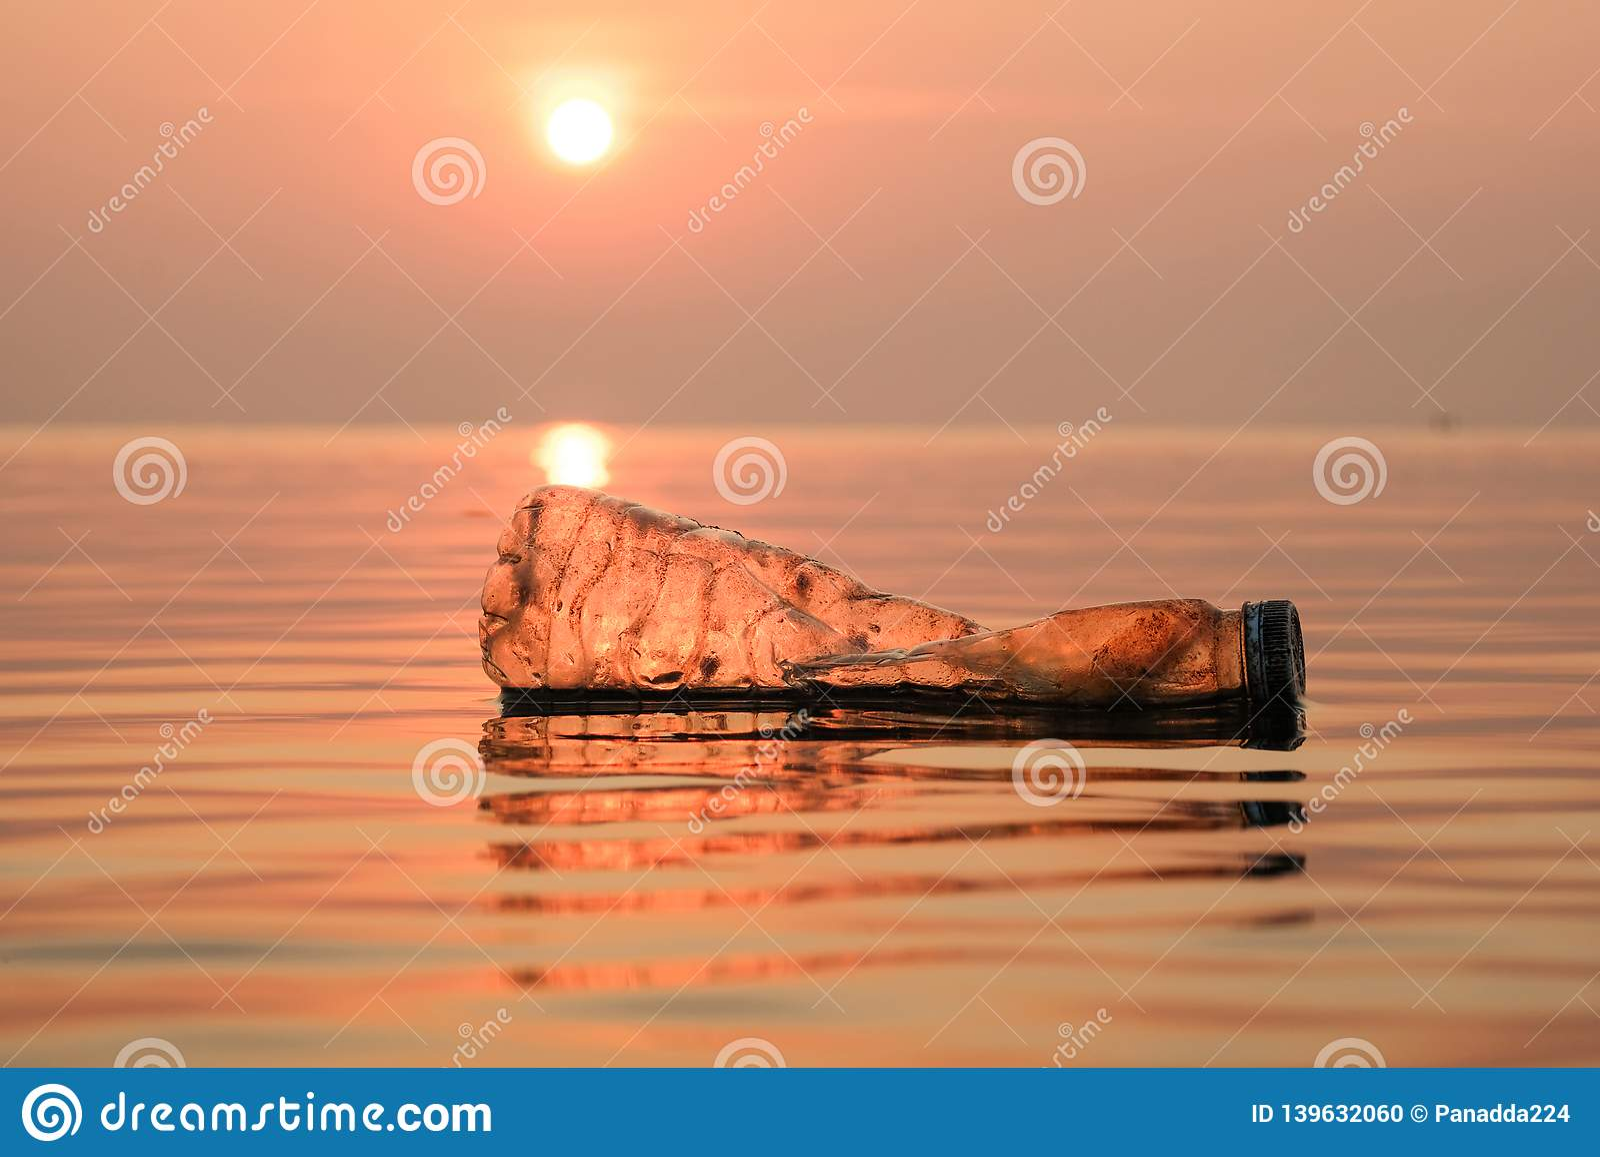 Plastic bottles pollution in ocean ,Environmental pollution.